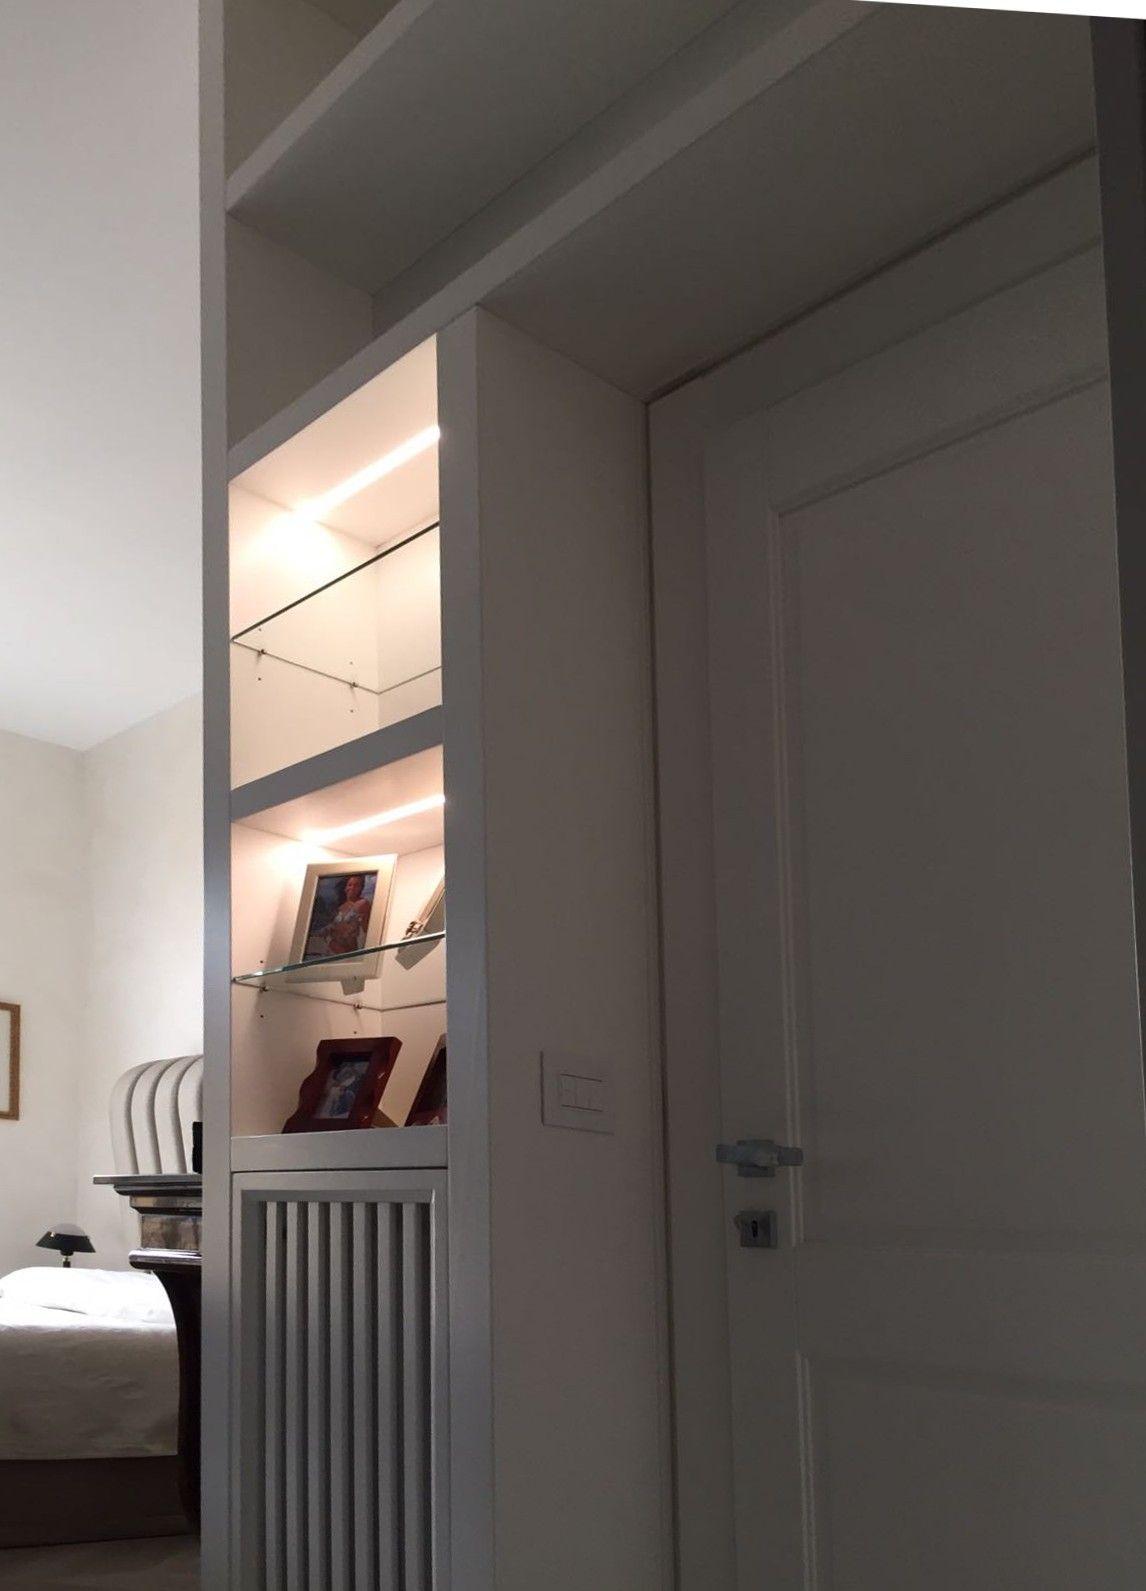 Camera Matrimoniale A Ponte Su Misura.In Questa Lussuosa Camera Da Letto Abbiamo Realizzato Una Libreria